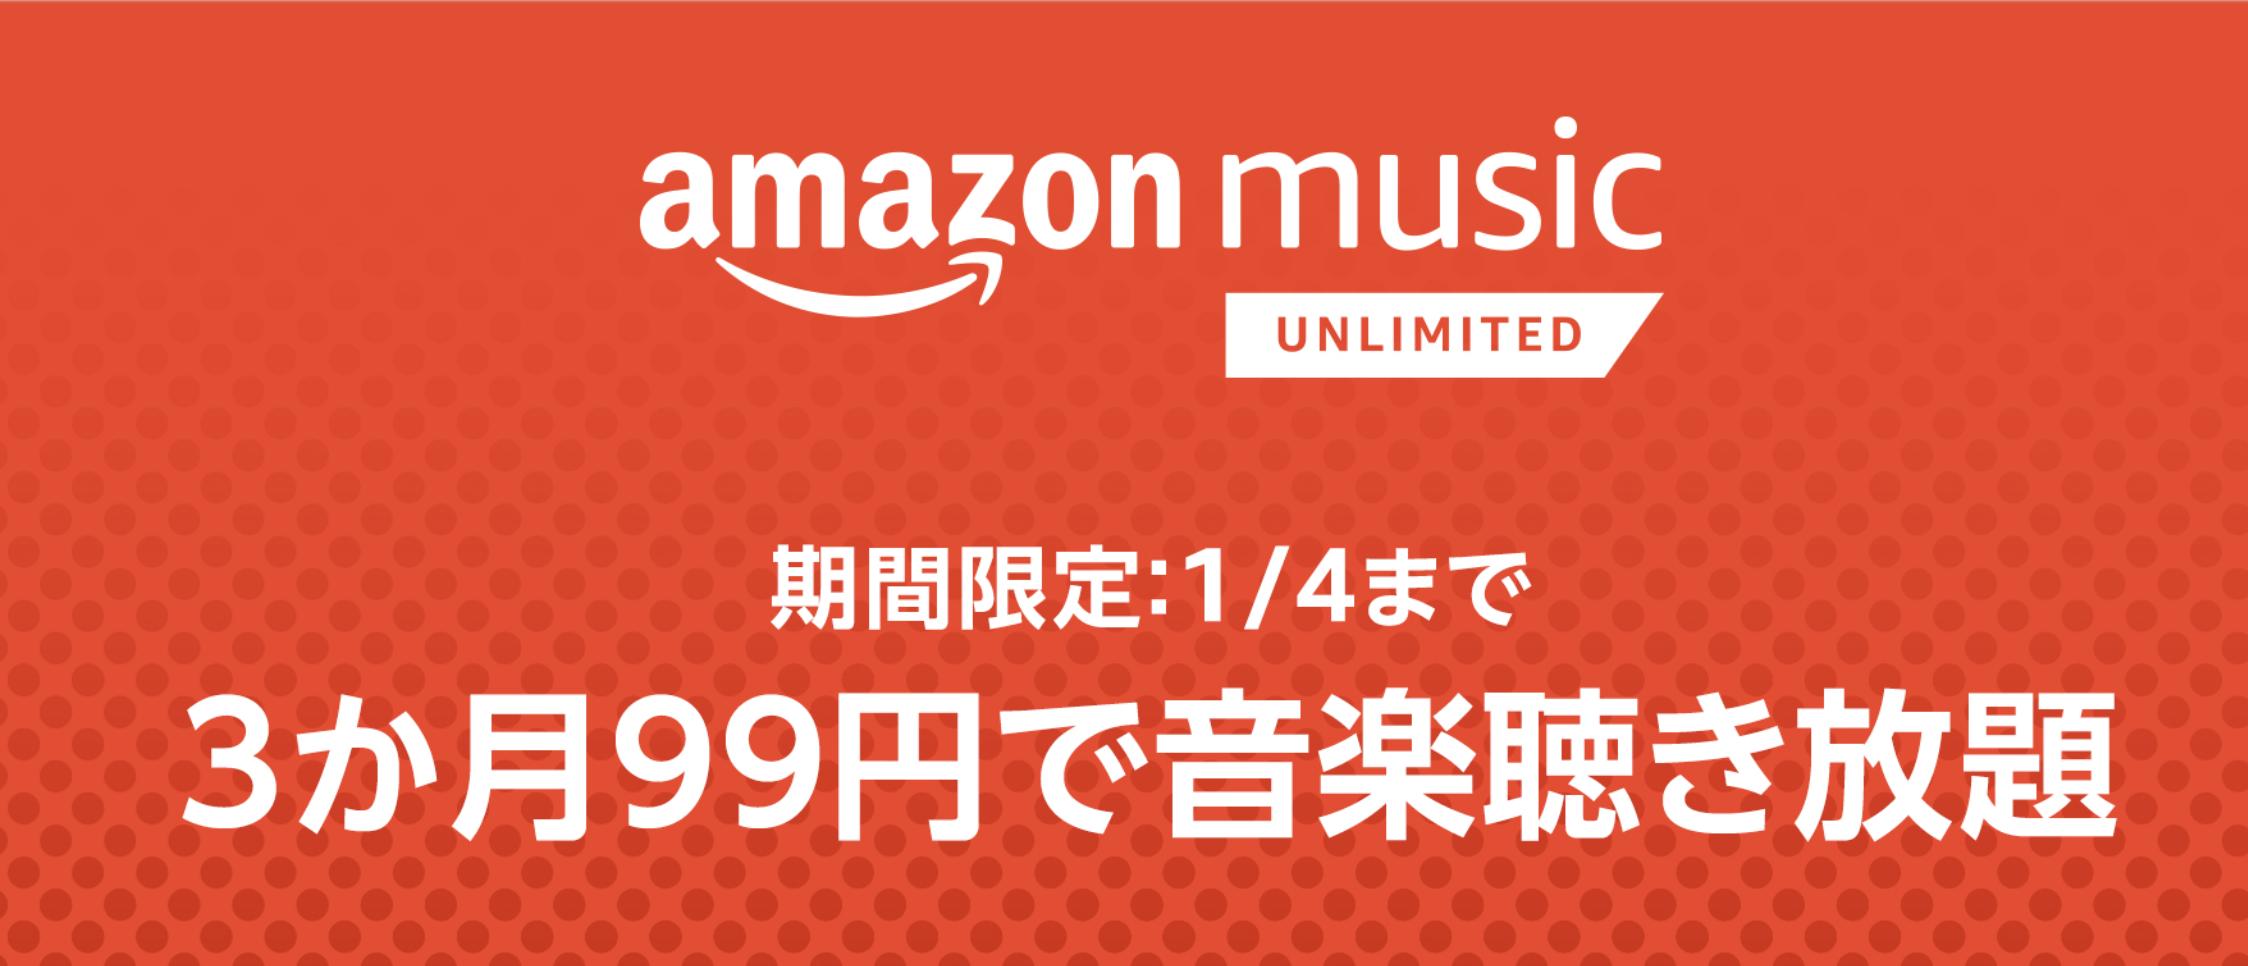 amazon music unlimited 99円キャンペーン2018